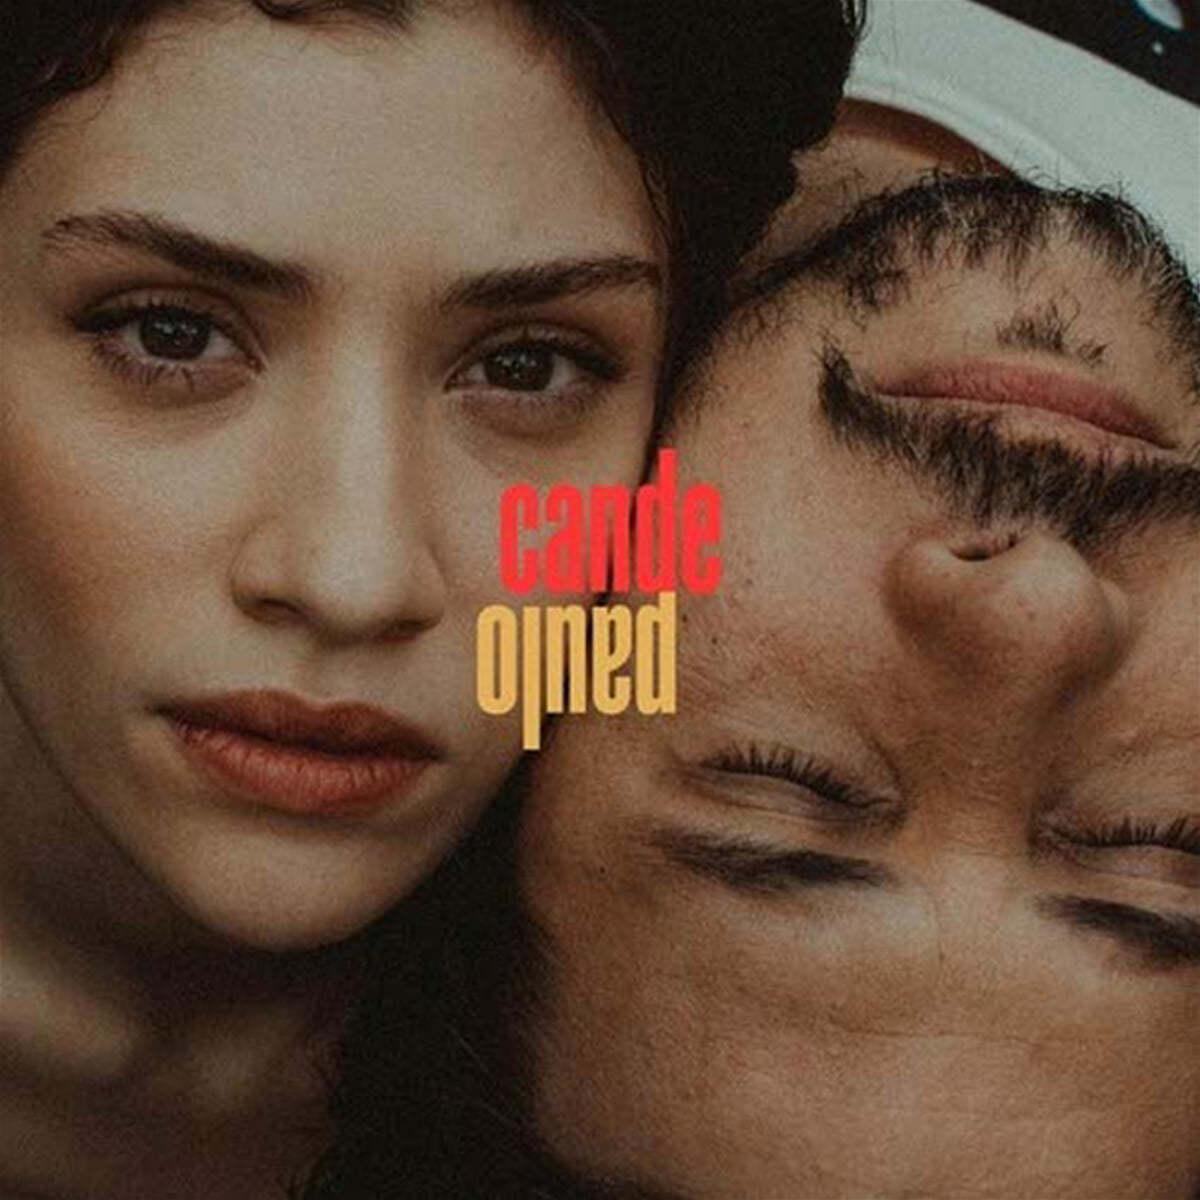 Cande Y Paulo (캔드 앤 파울로) - 1집 Cande y Paulo